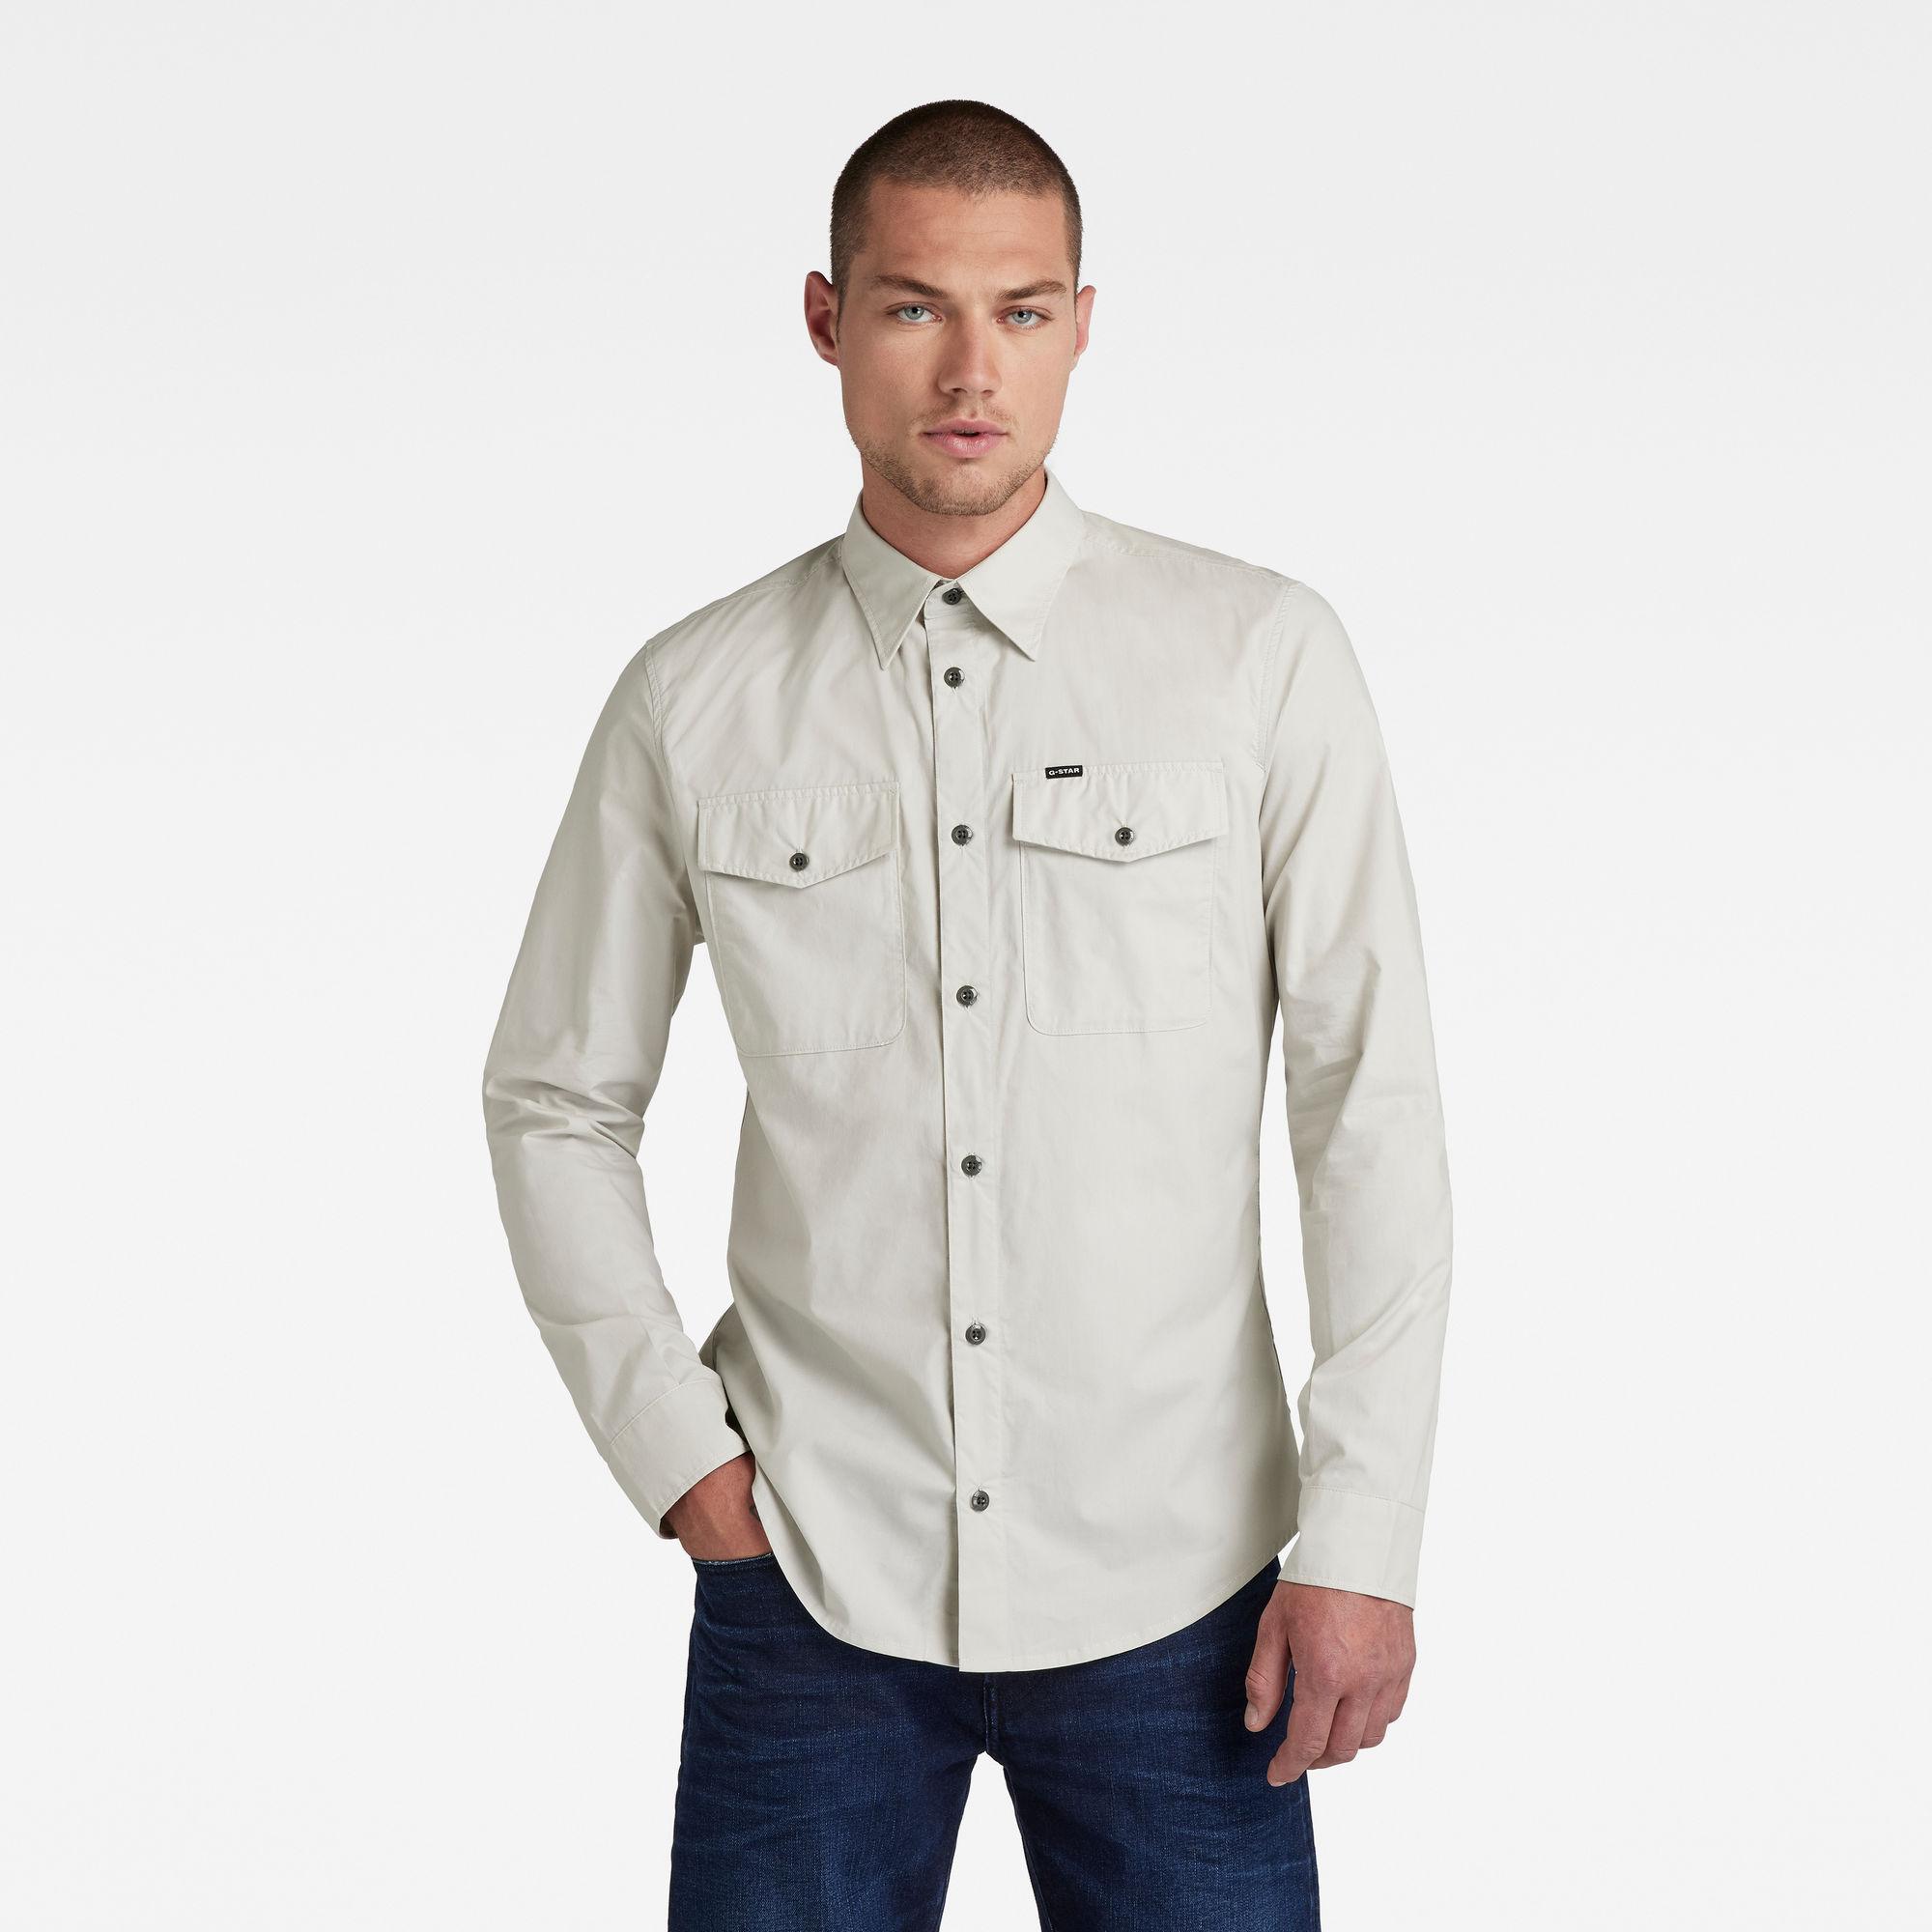 G-Star RAW Heren Marine Slim Shirt Lichtblauw